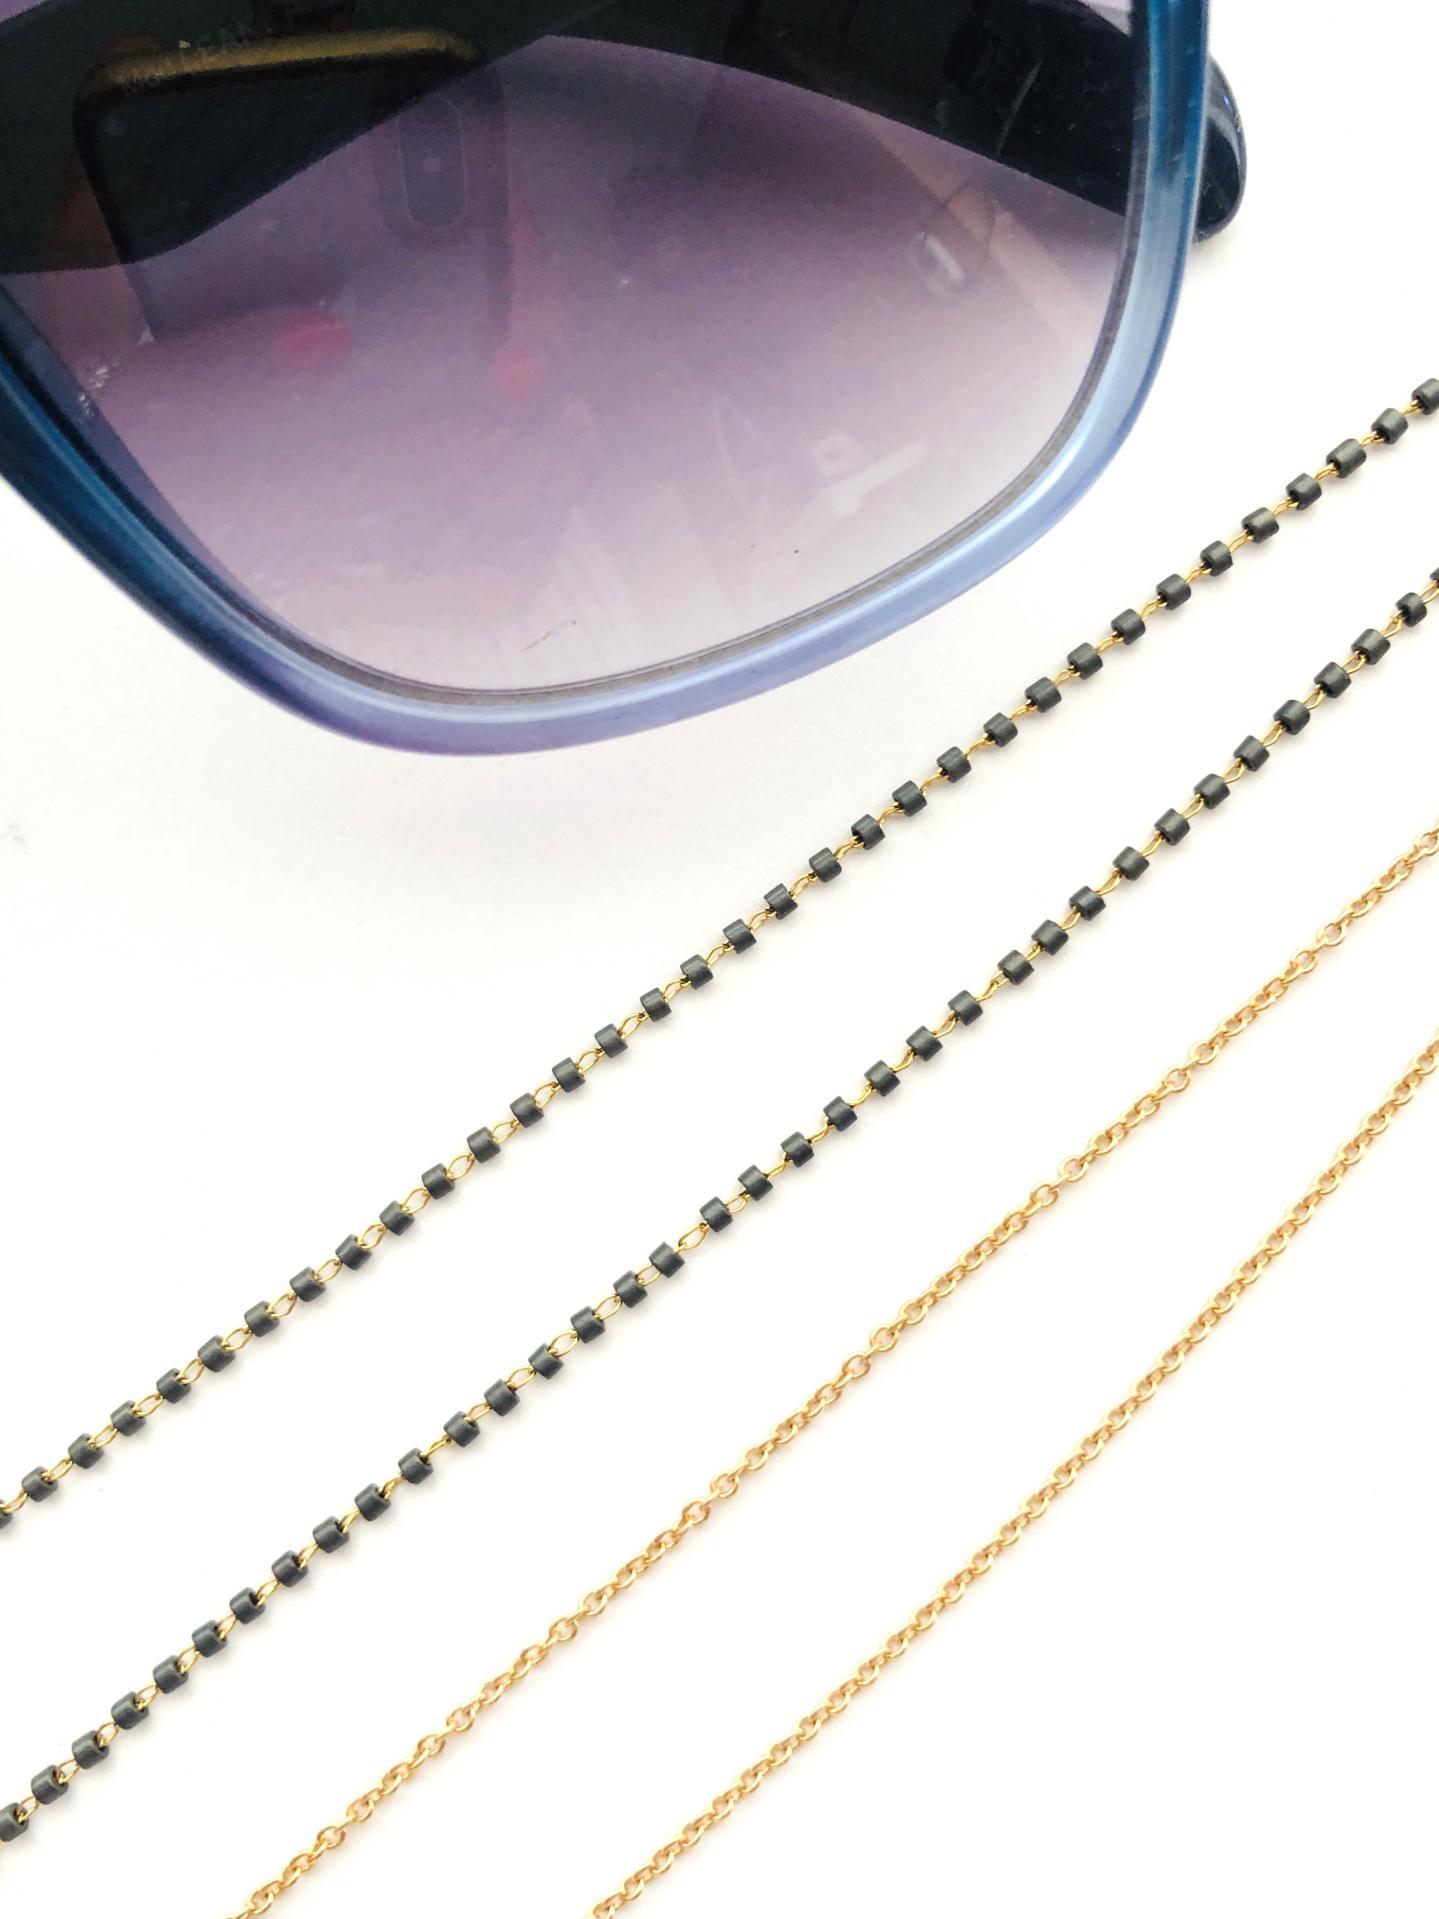 Cordón cuelga gafas y mascarillas con cadena dorada y tubitos gris oscuro